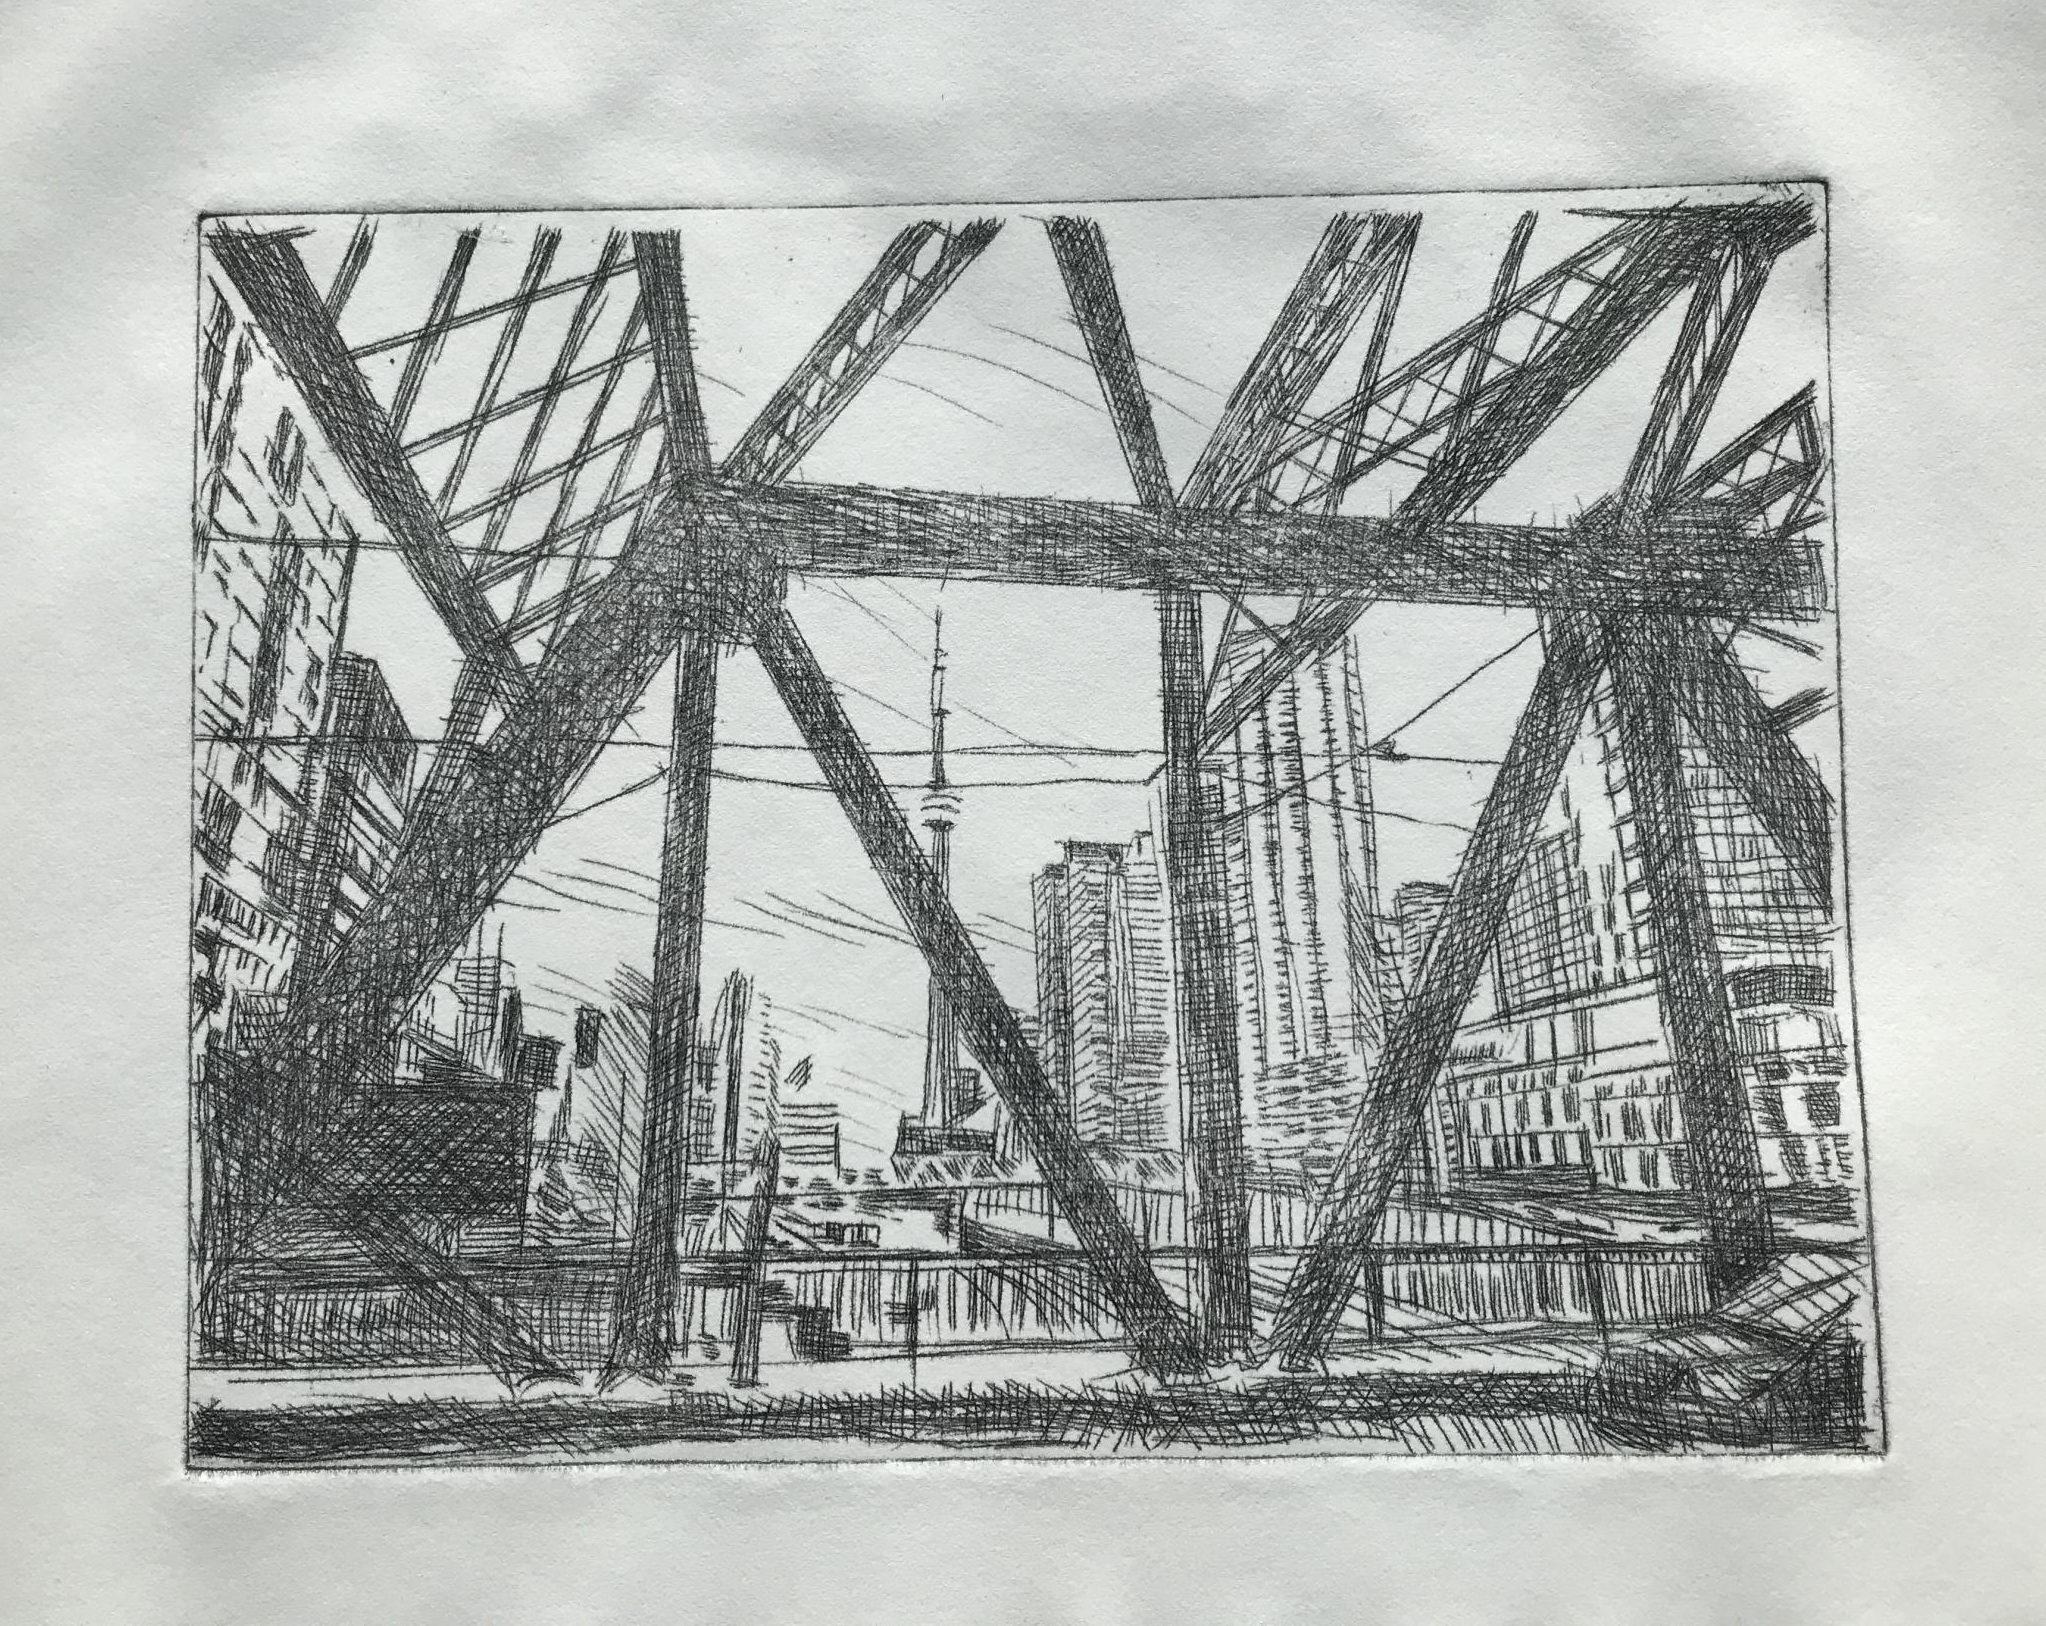 Bathurst Bridge by Ross Skoggard